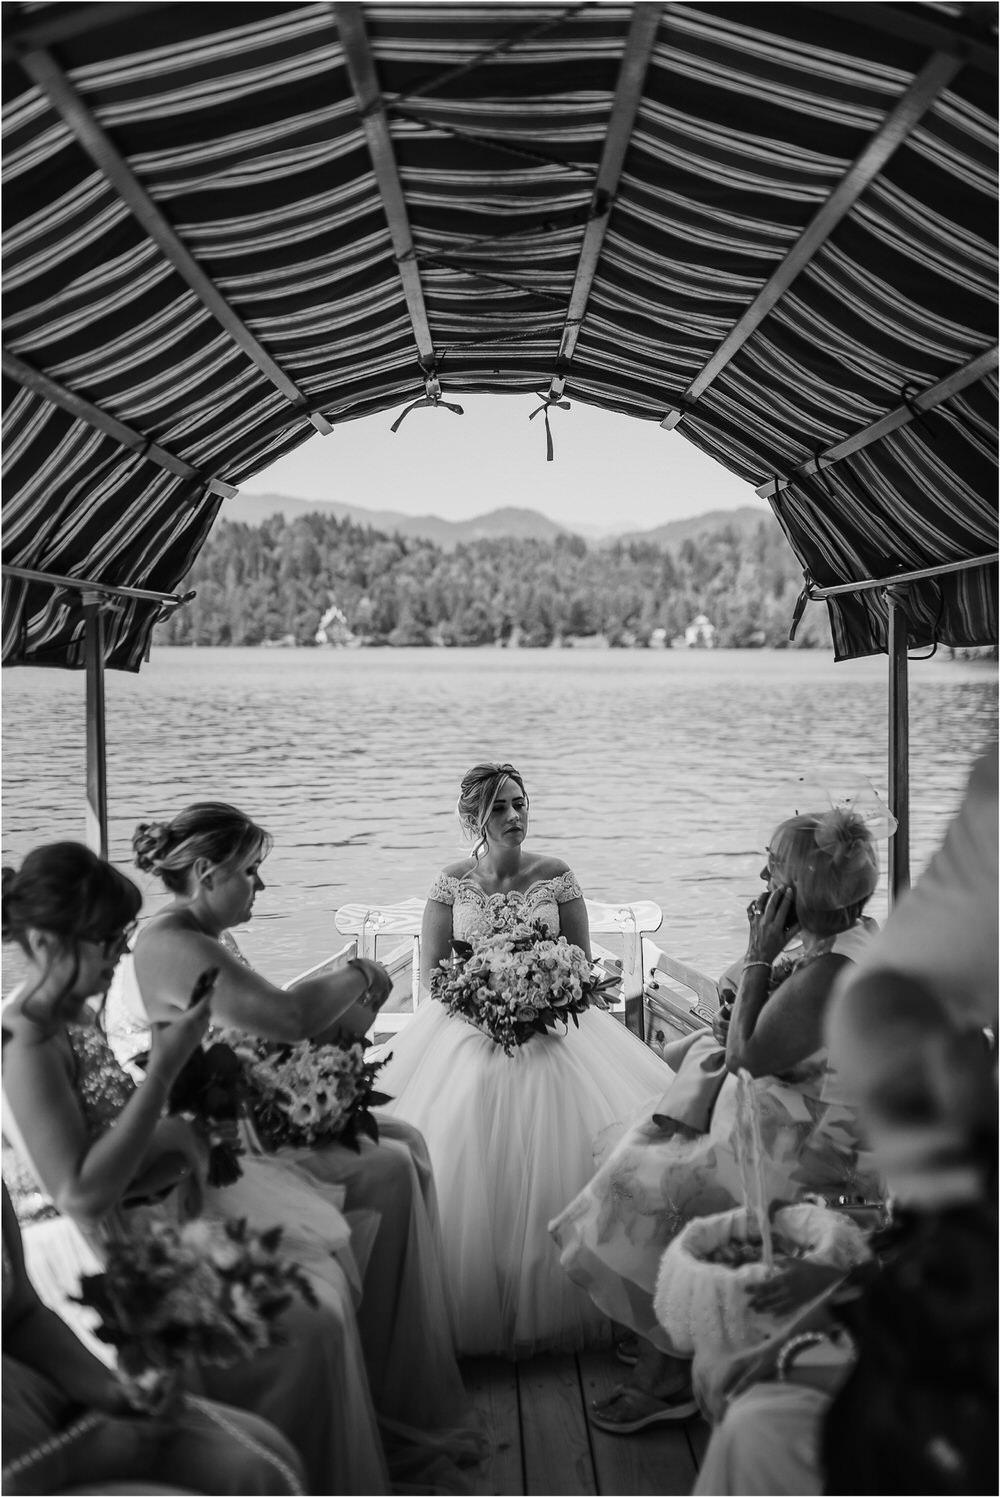 bled castle wedding poroka blejsko jezero jezersek adventure themed destination wedding photographer lake bled 0032.jpg